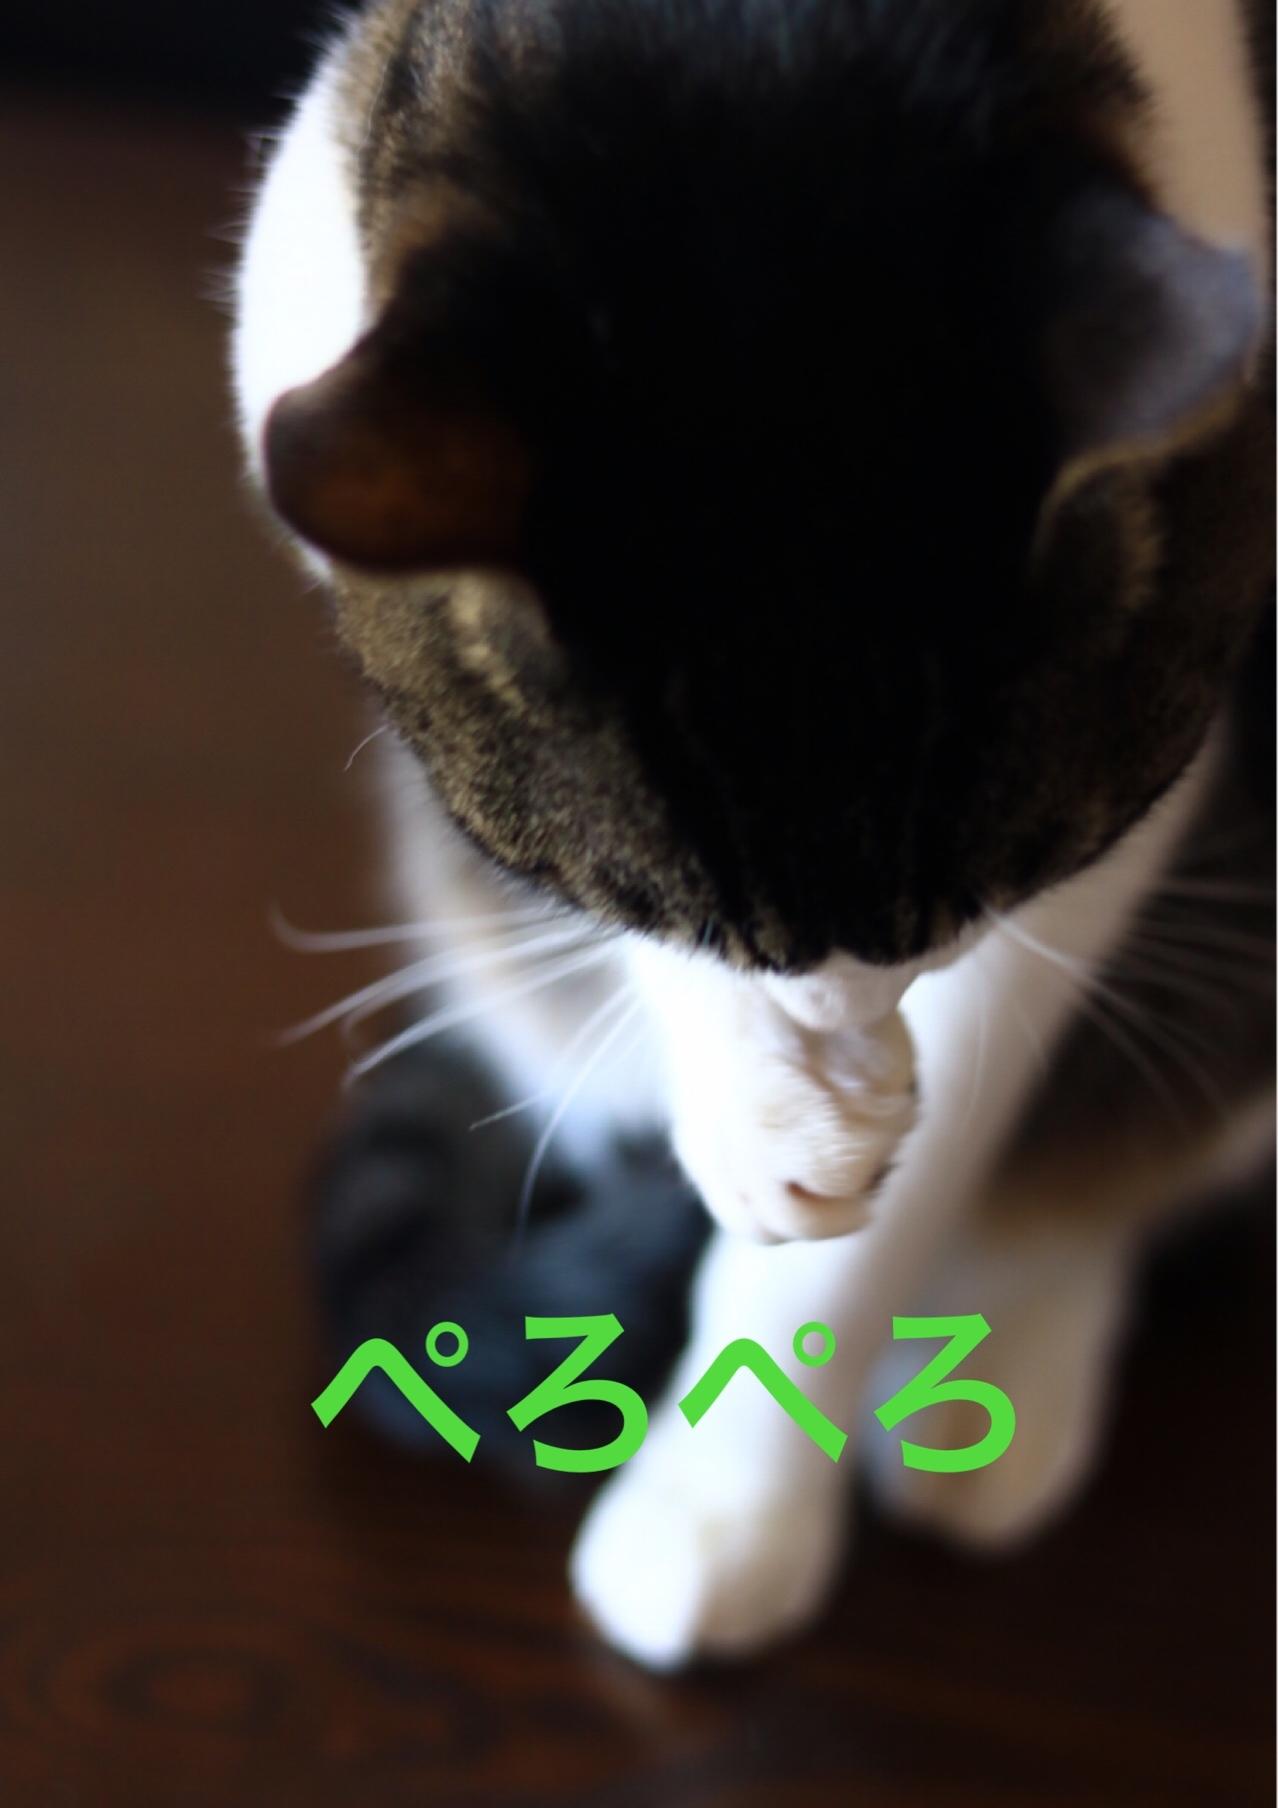 c0366722_20112236.jpeg